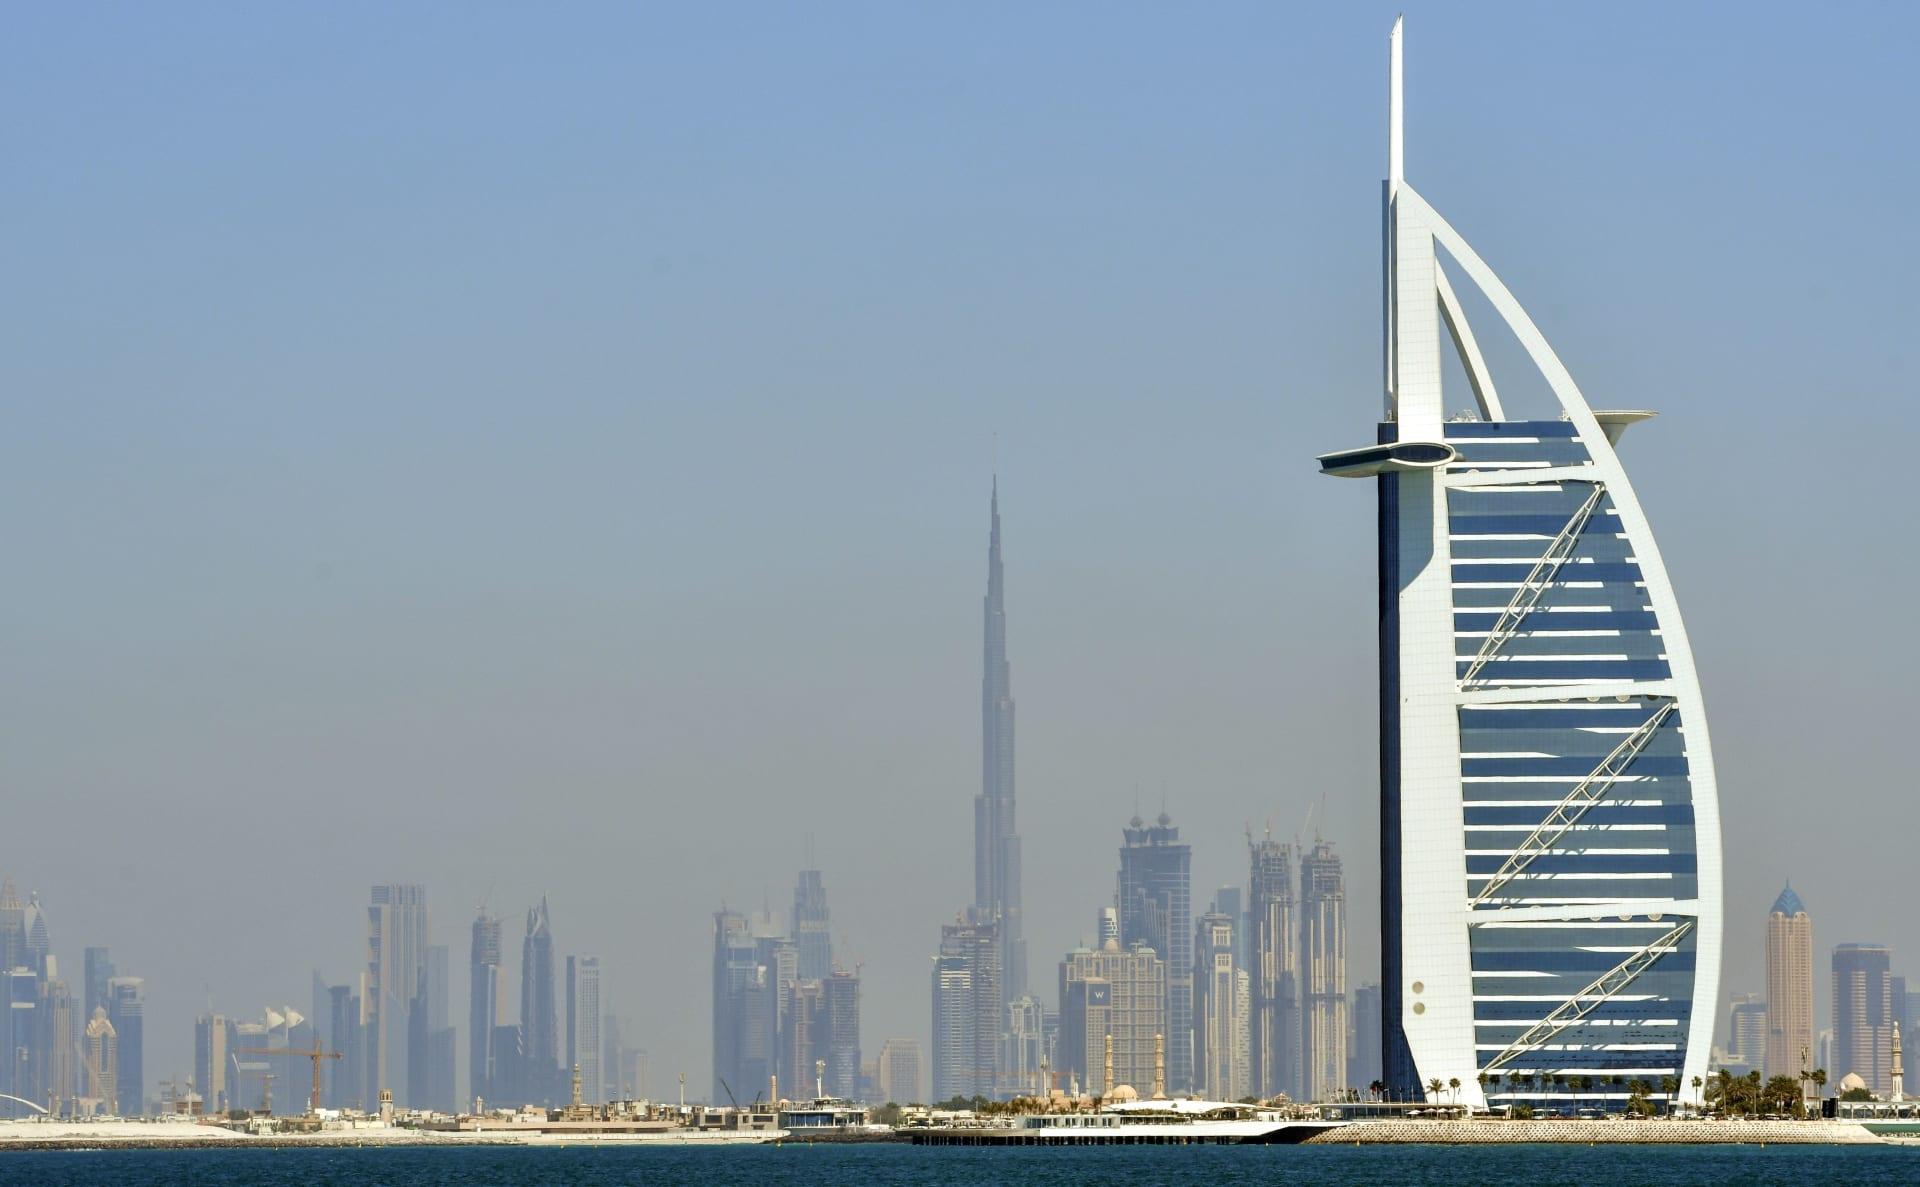 مجلس الوزراء الإماراتي يعتمد منح تأشيرات للمستثمرين وفئات أخرى